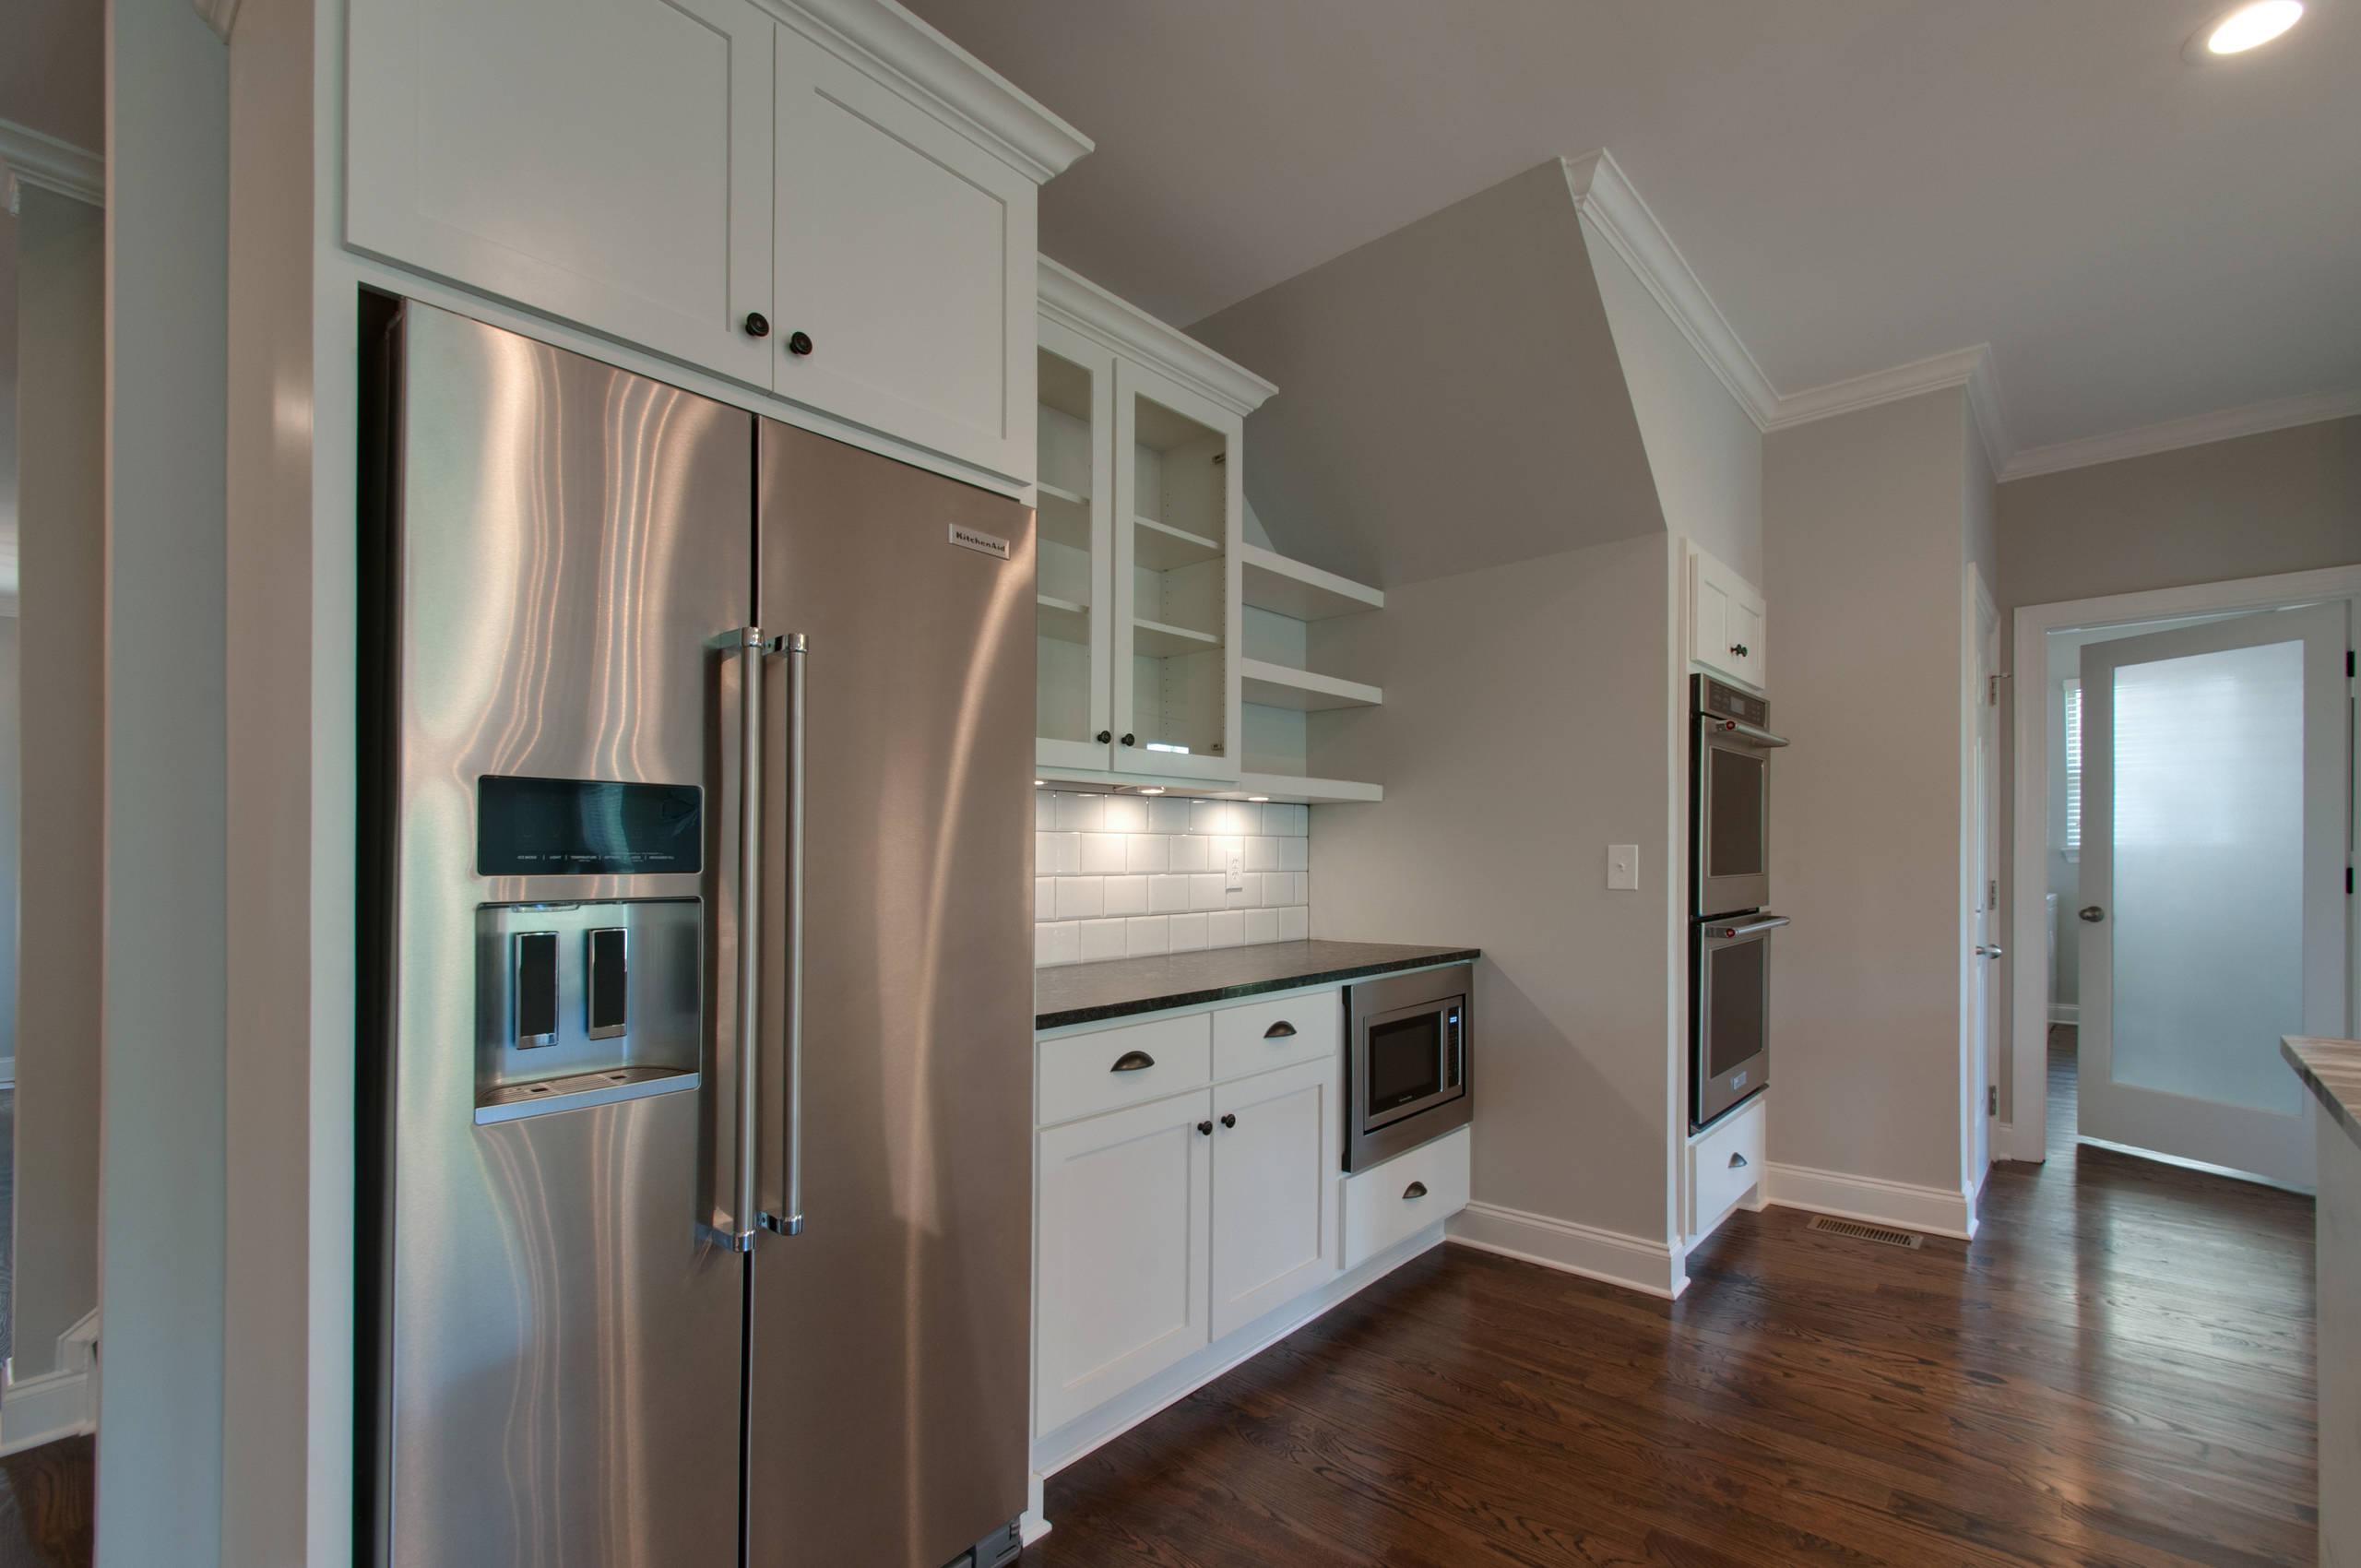 Franklin Kitchen & Home Update